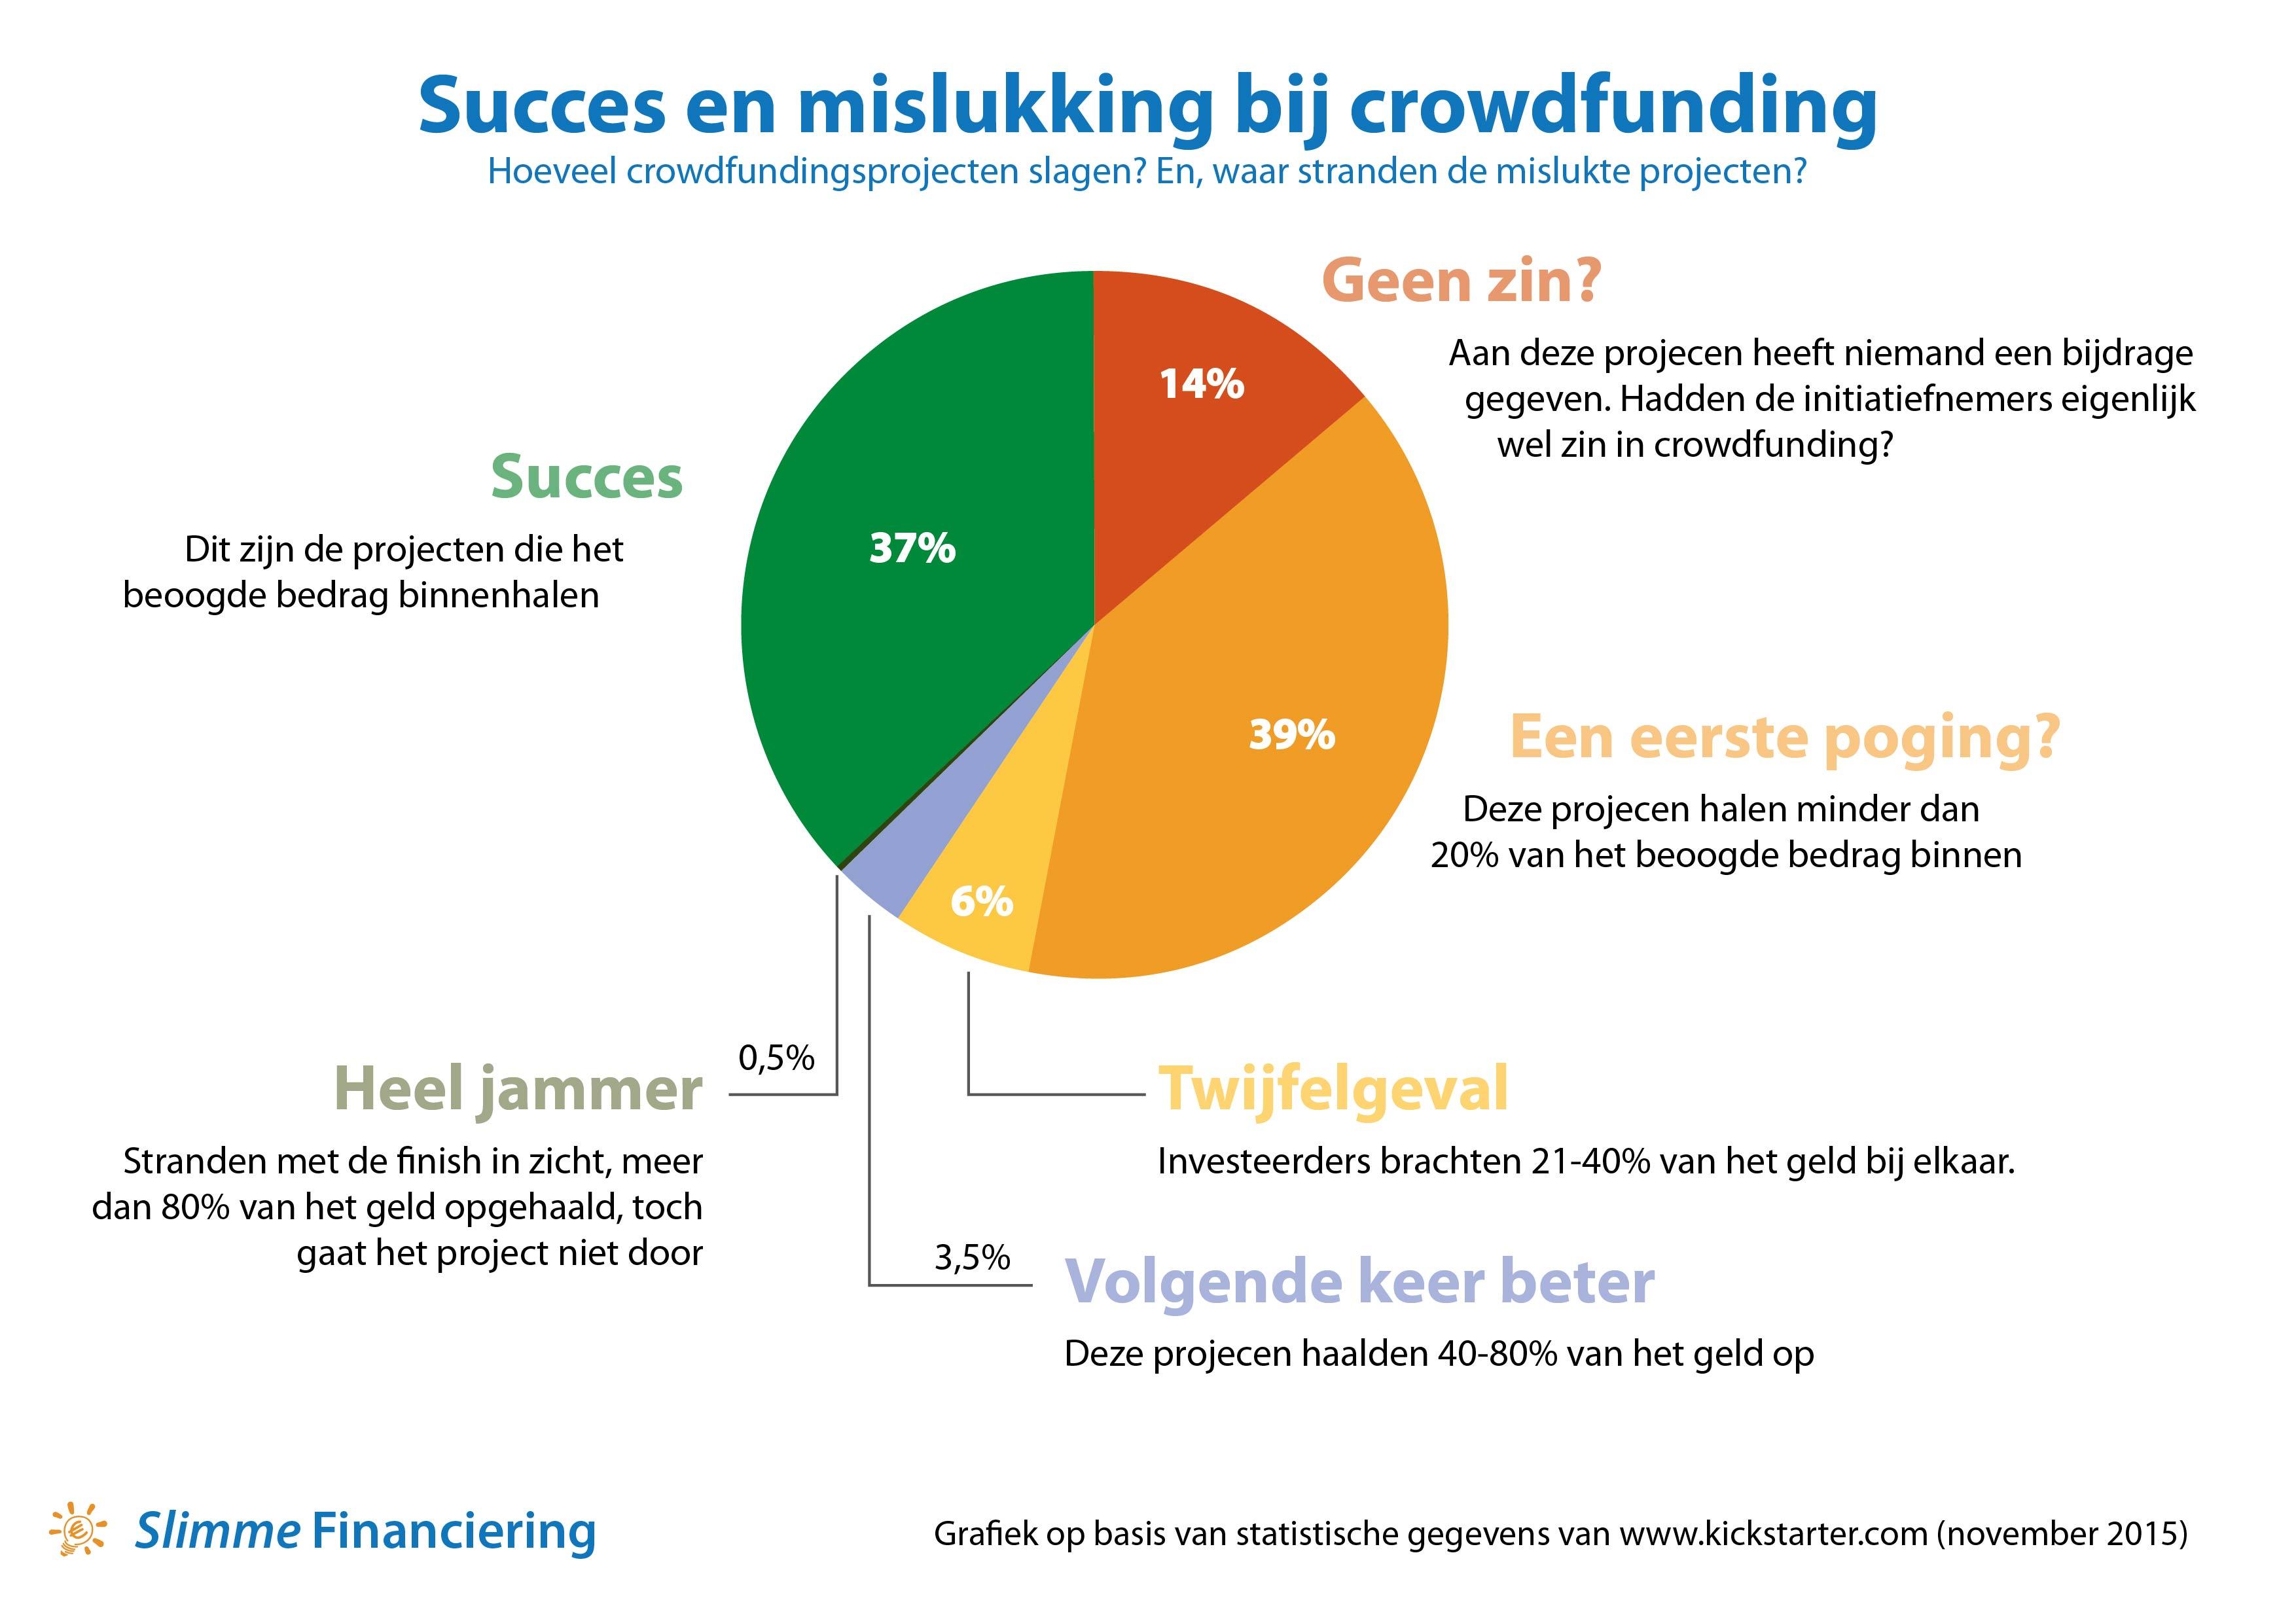 succes en mislukking bij crowdfunding